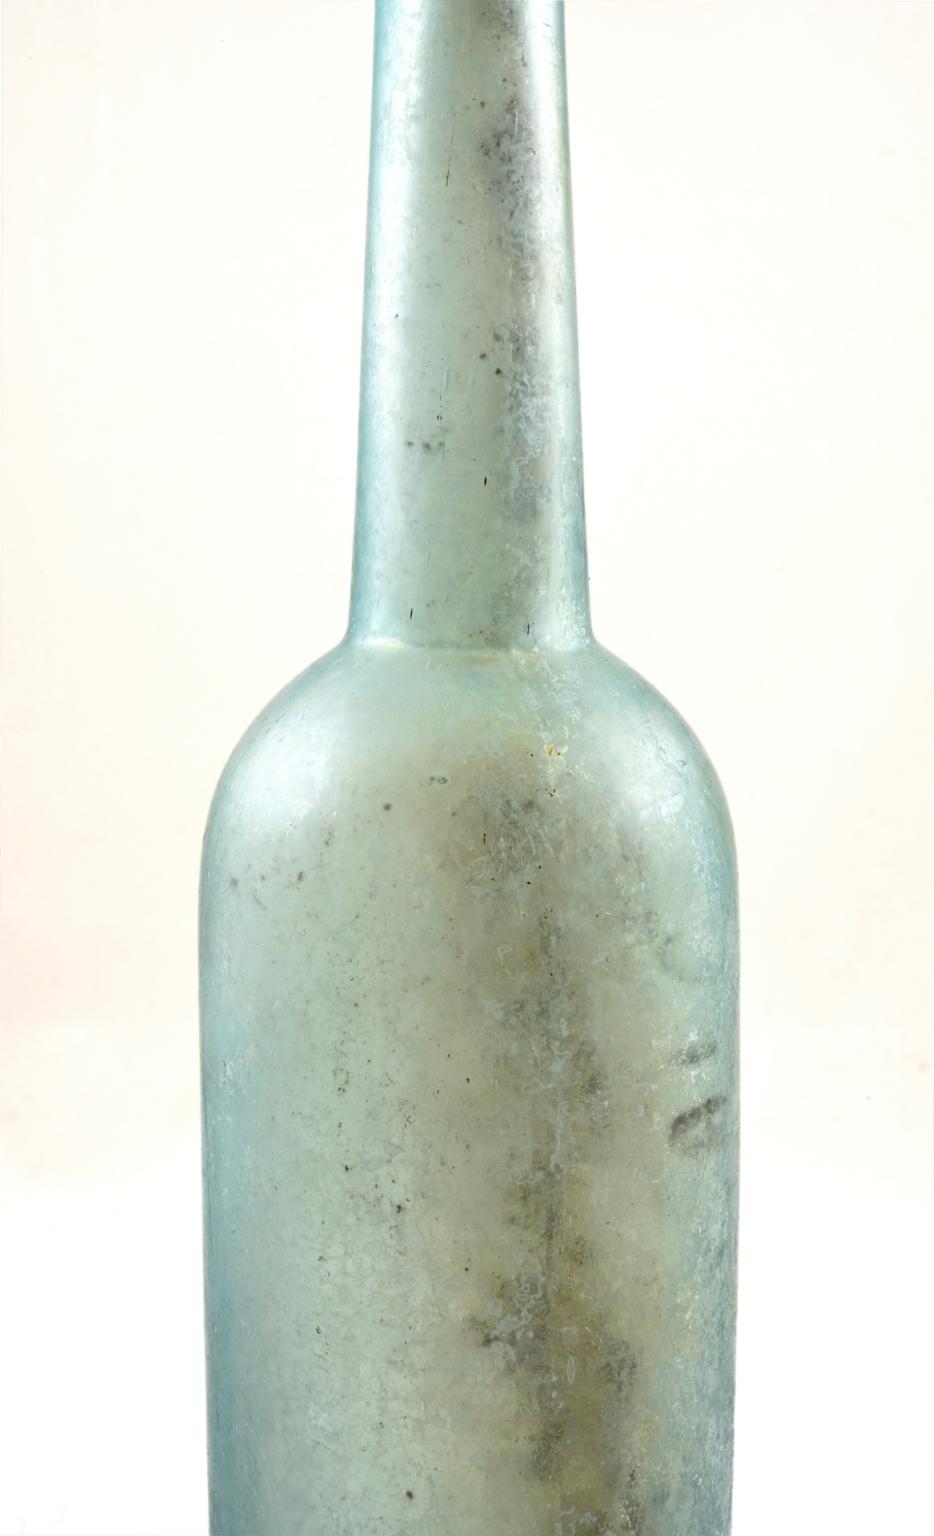 Light blue-green bottle